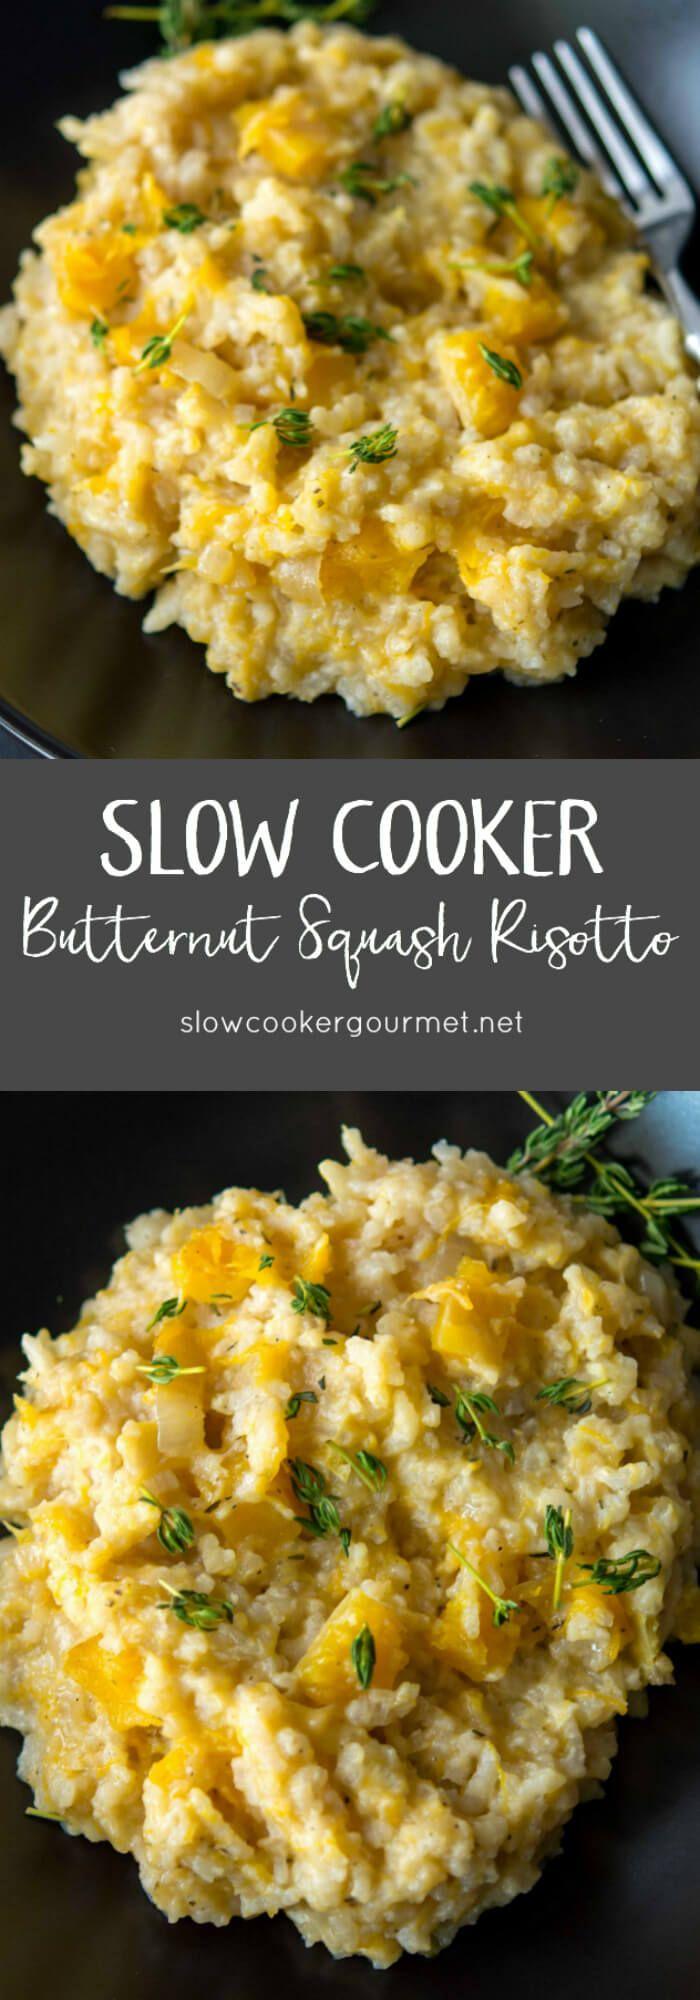 scg-butternut-squash-risotto-longpin